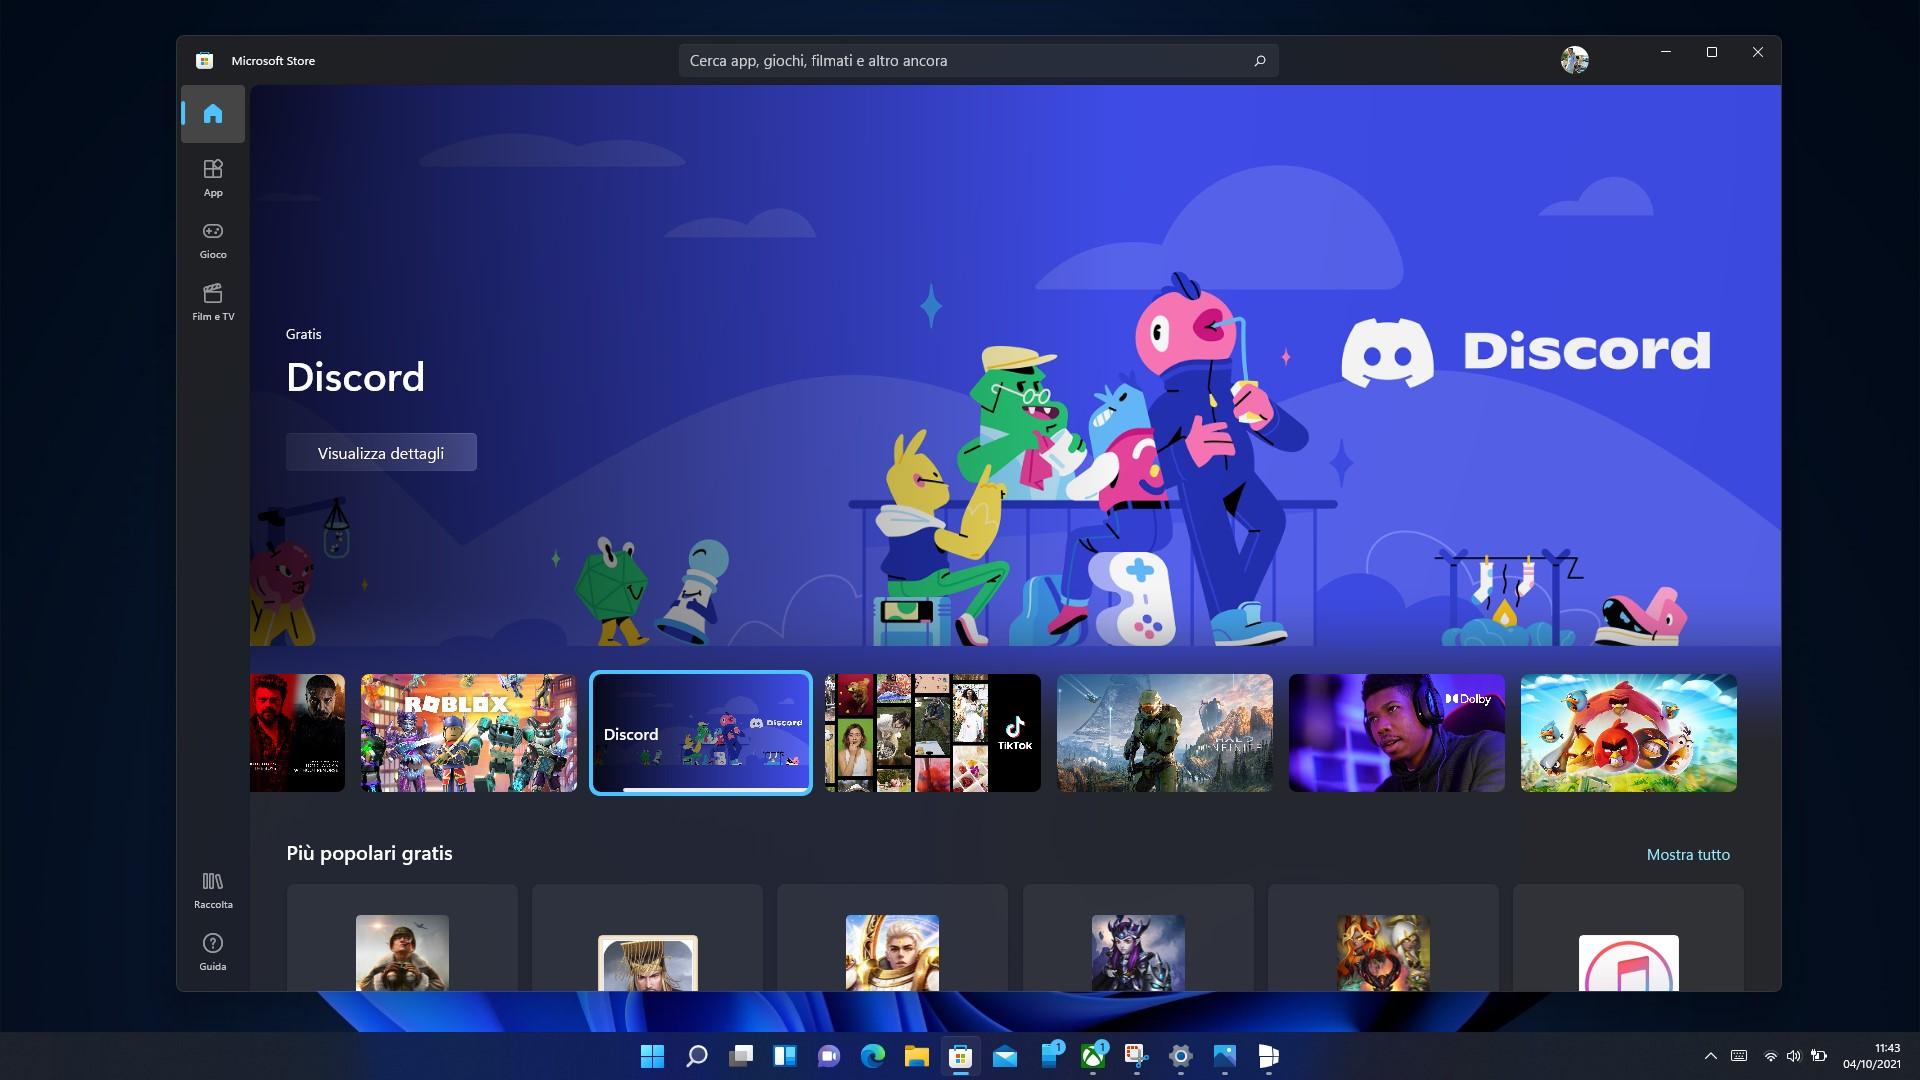 Windows 11 - Microsoft Store - Pagina principale - Tema scuro